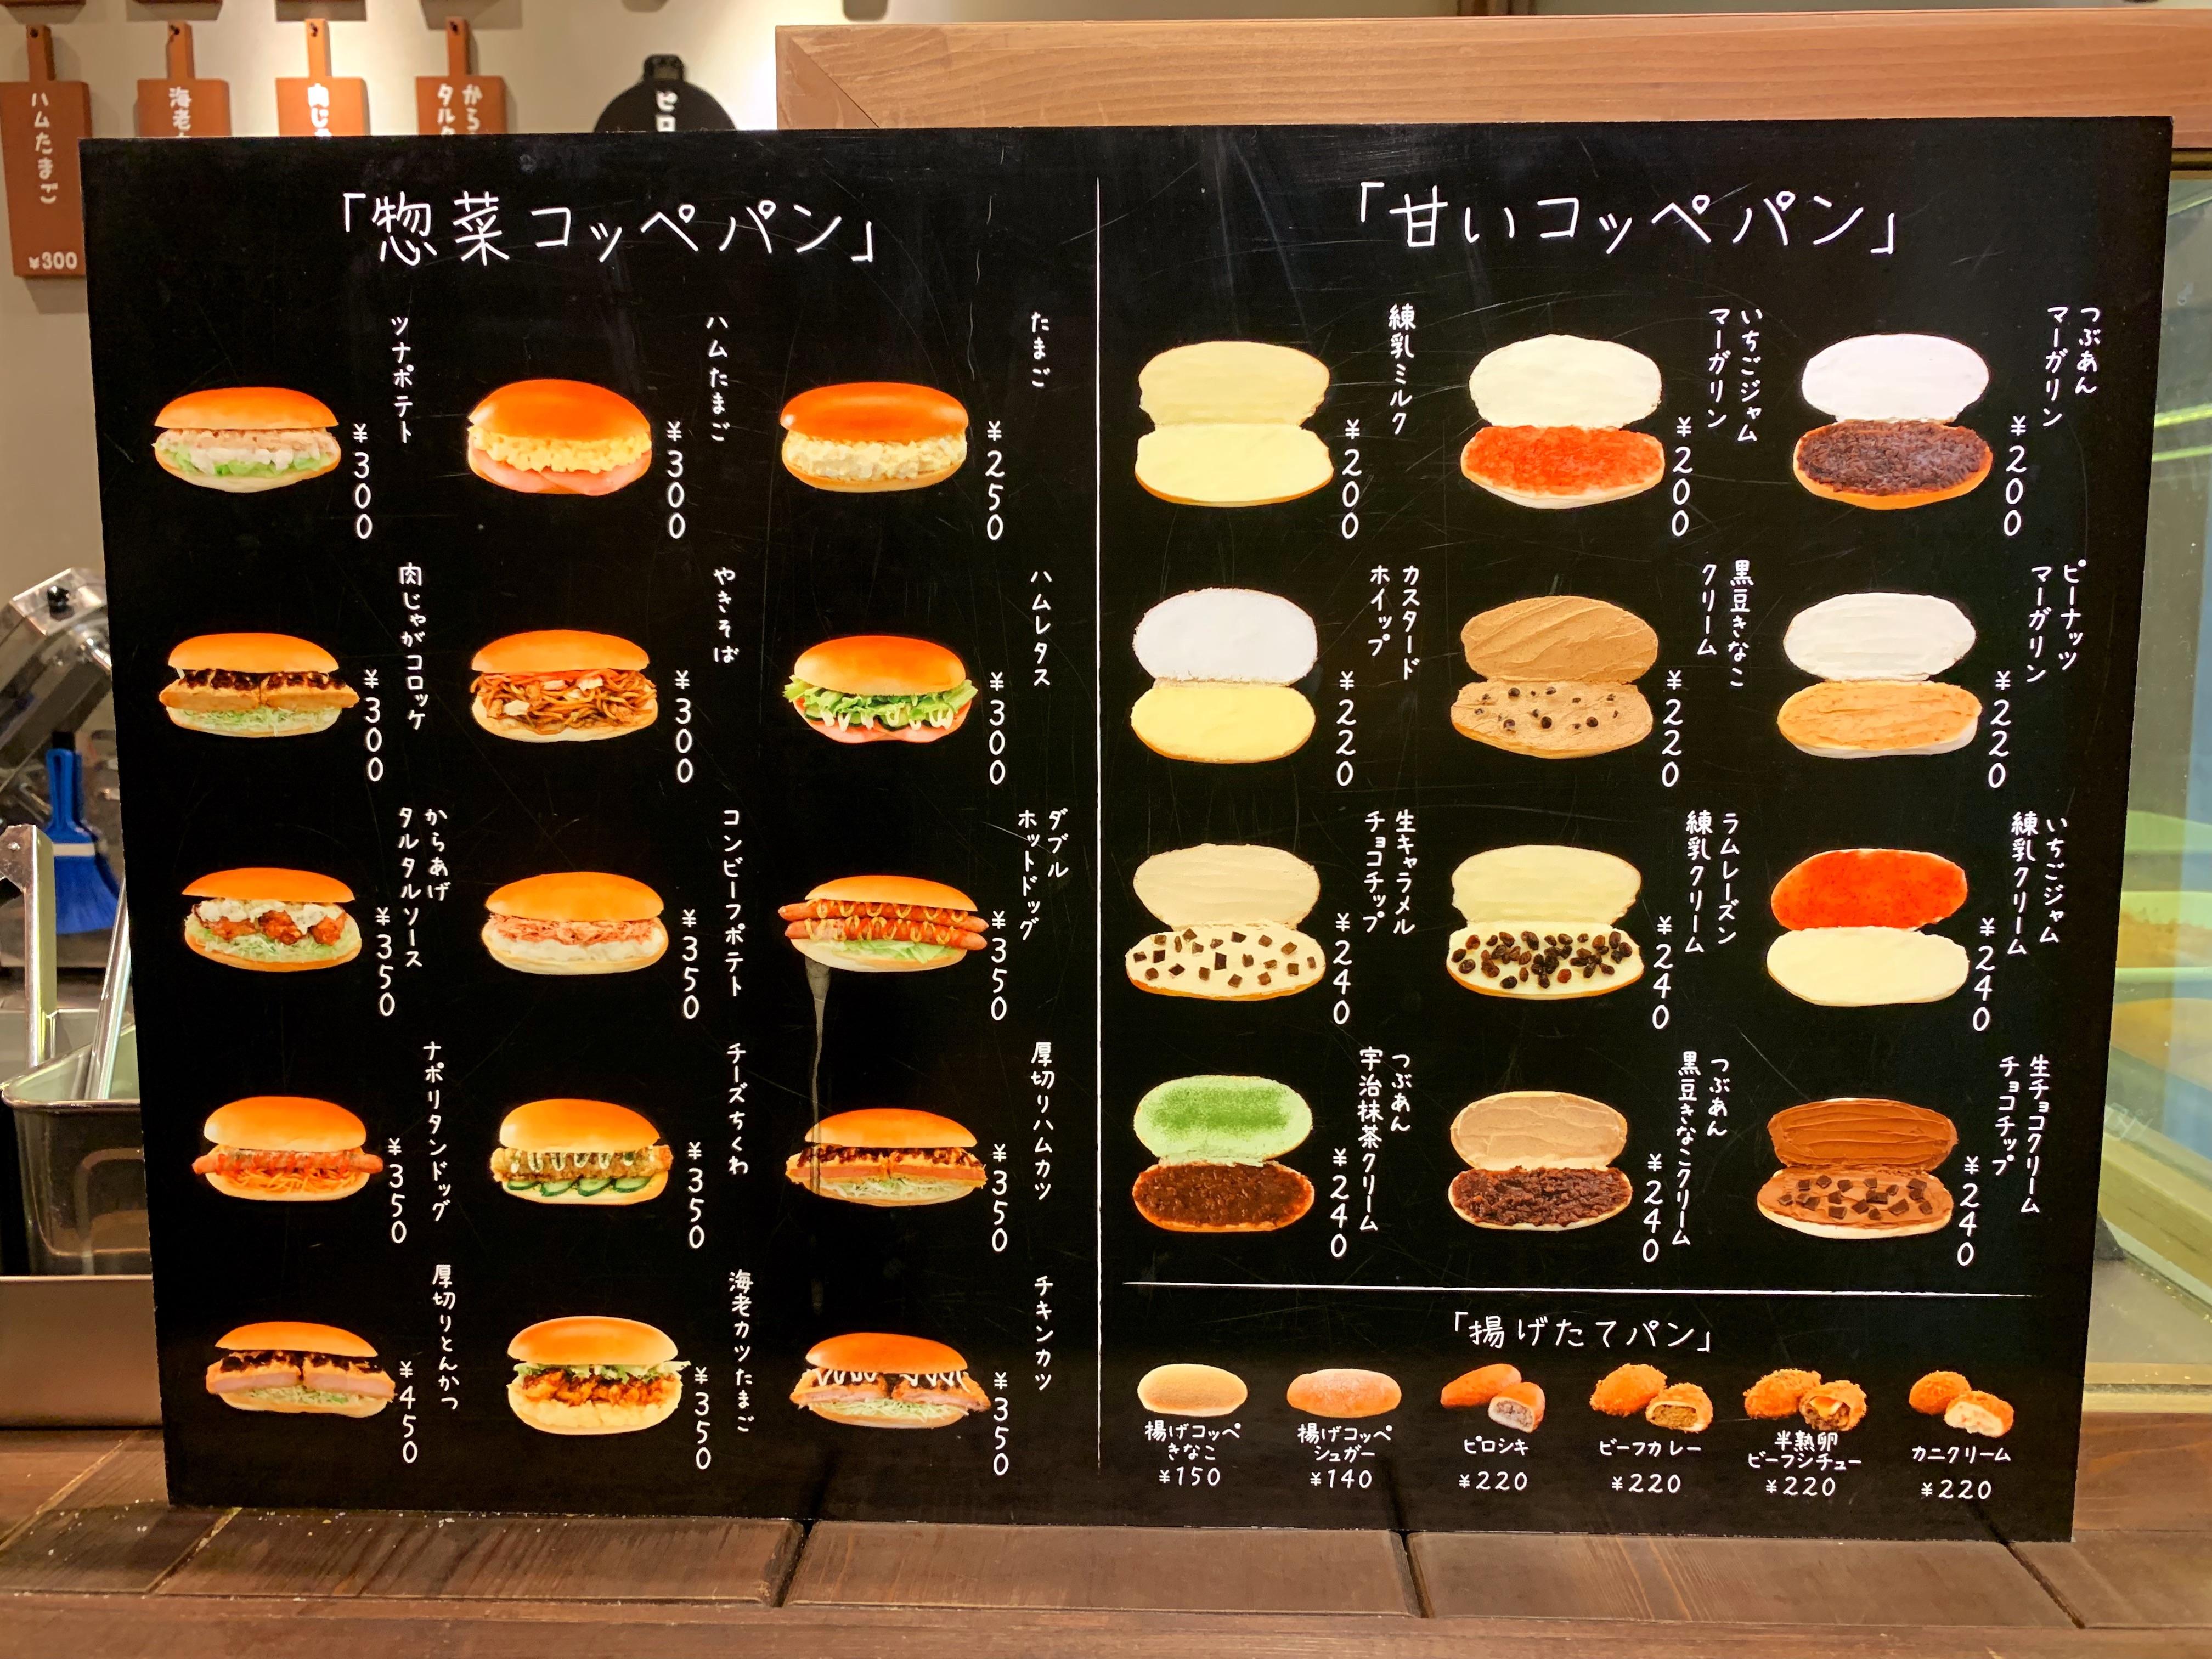 パンの田島のメニュー